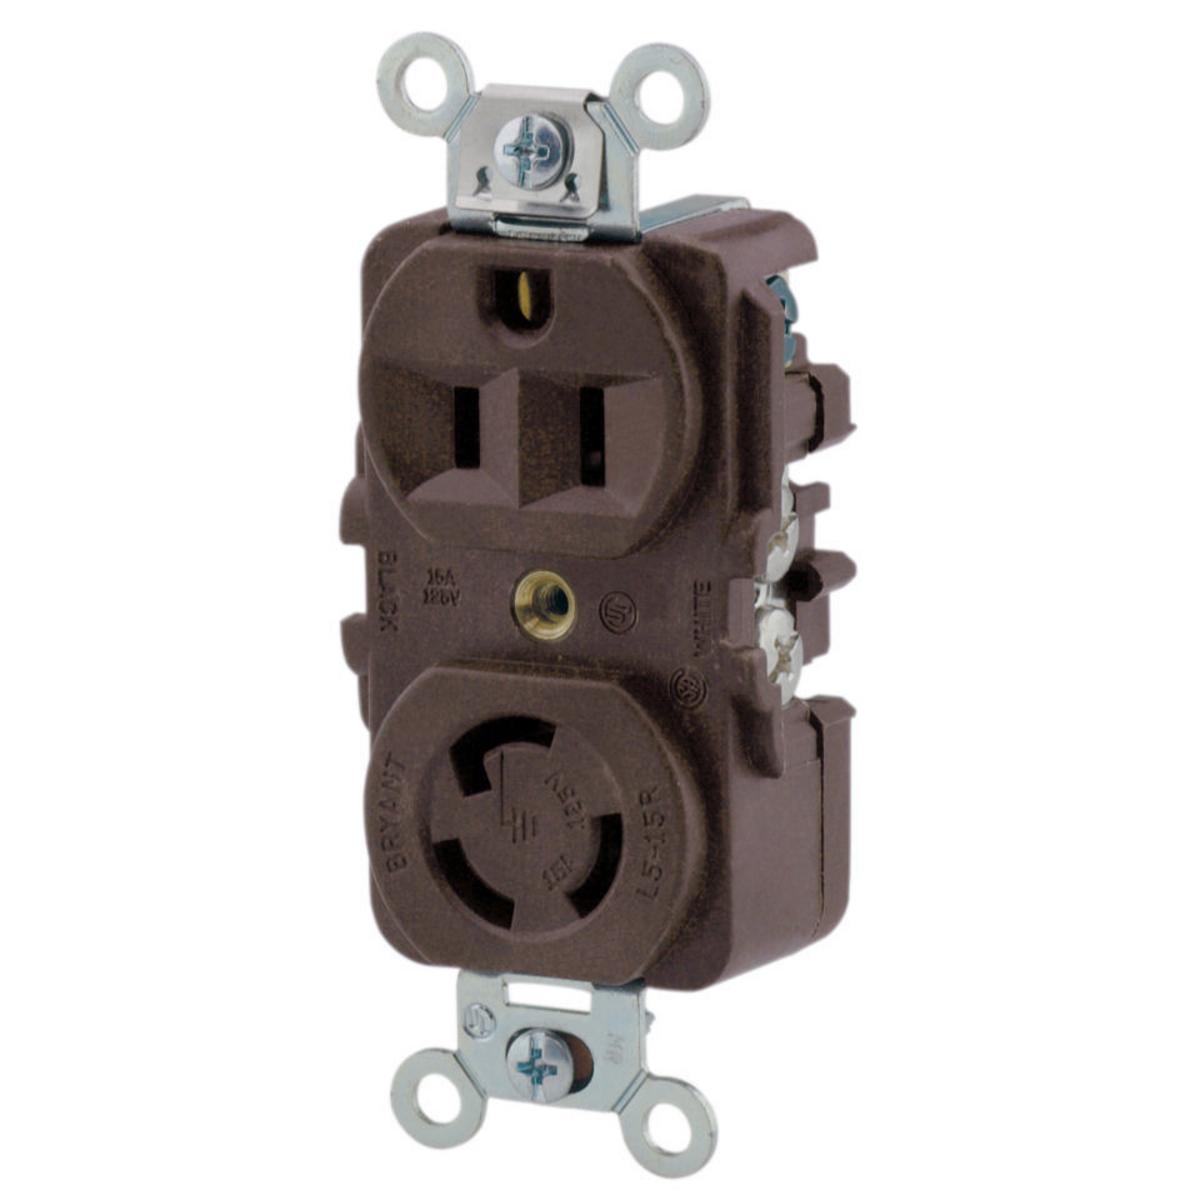 Straight Blade/Locking Combination Duplex Receptacle, 15A 125V, Straight Blade and Locking, Brown